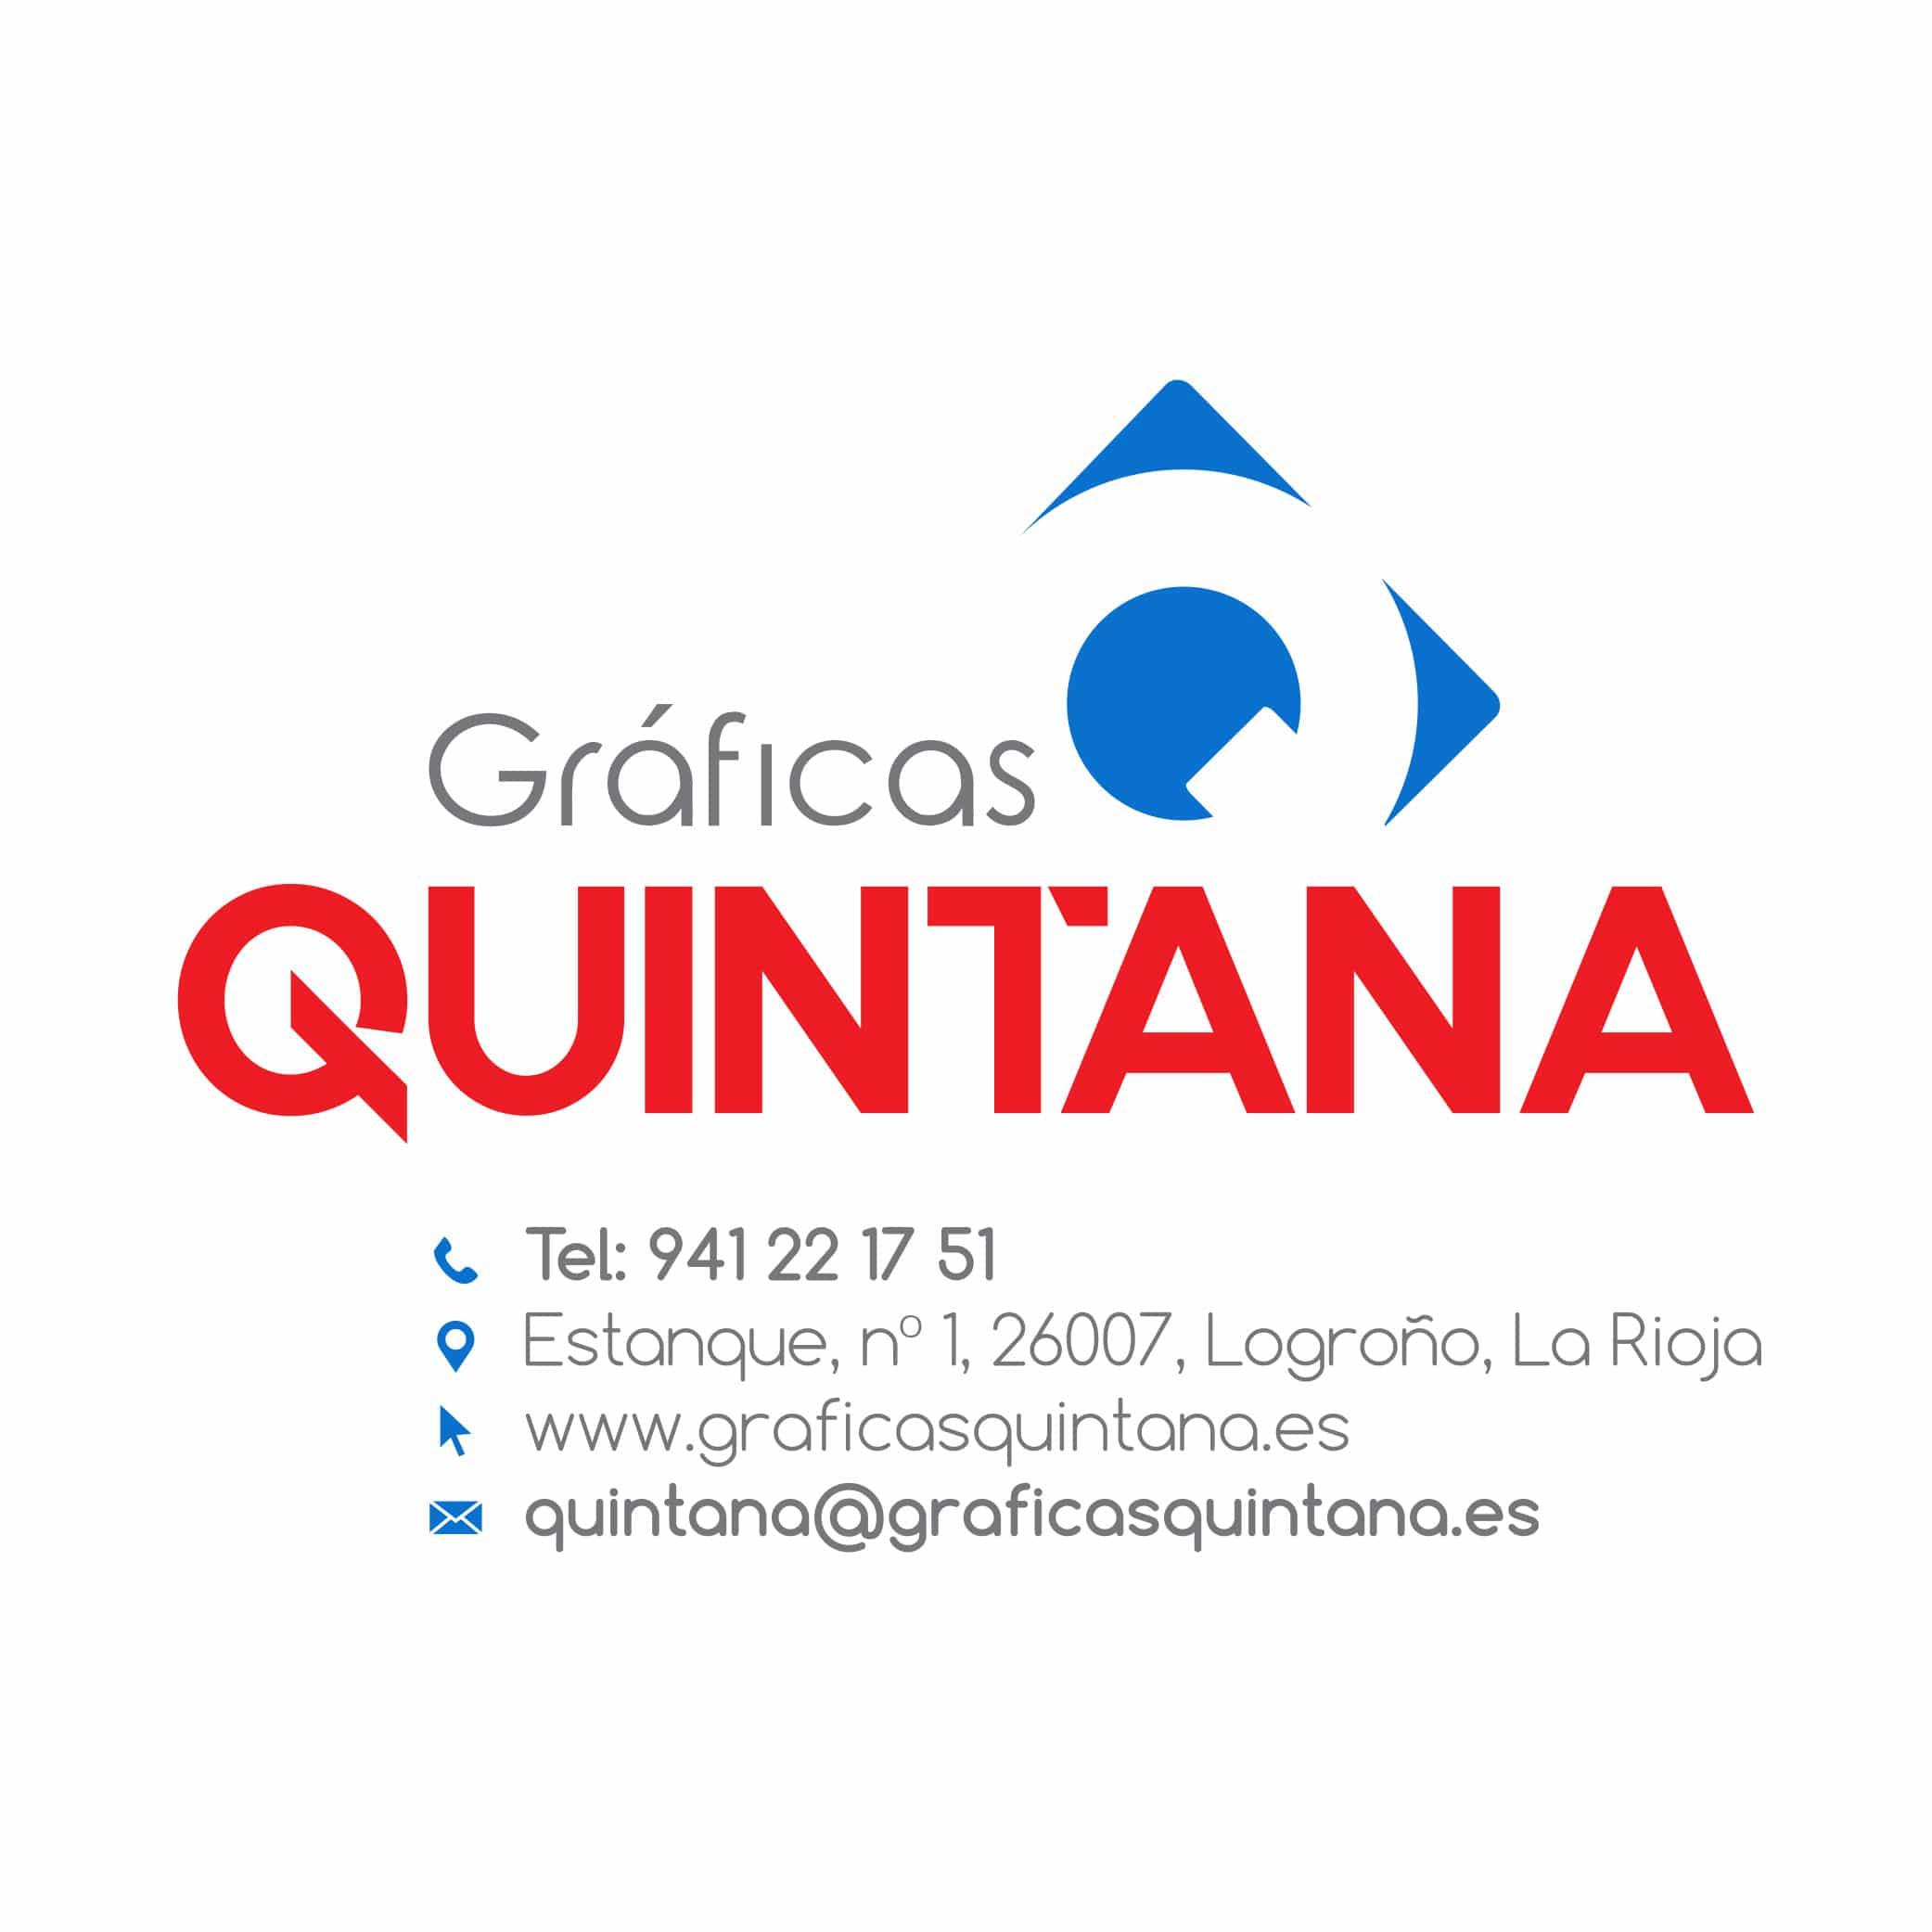 Gráficas-Quintana---Impresión-Offset-y-Digital---Contacto